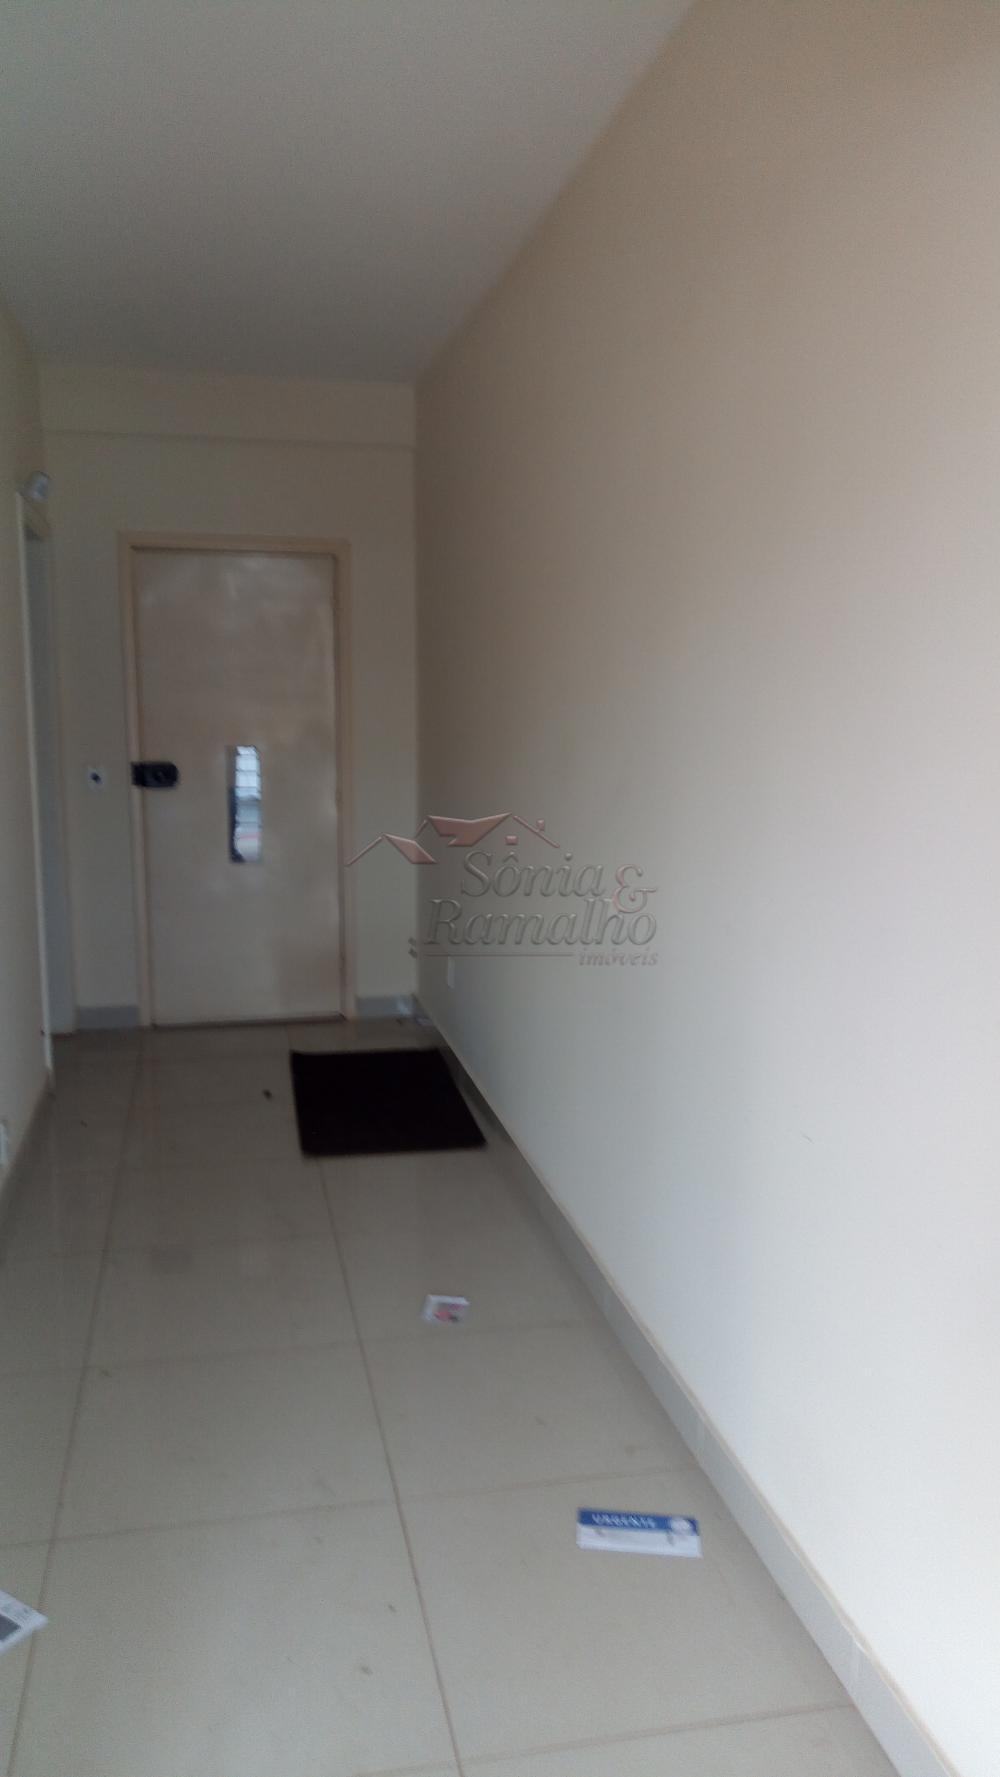 Alugar Casas / Comercial em Ribeirão Preto apenas R$ 4.800,00 - Foto 21